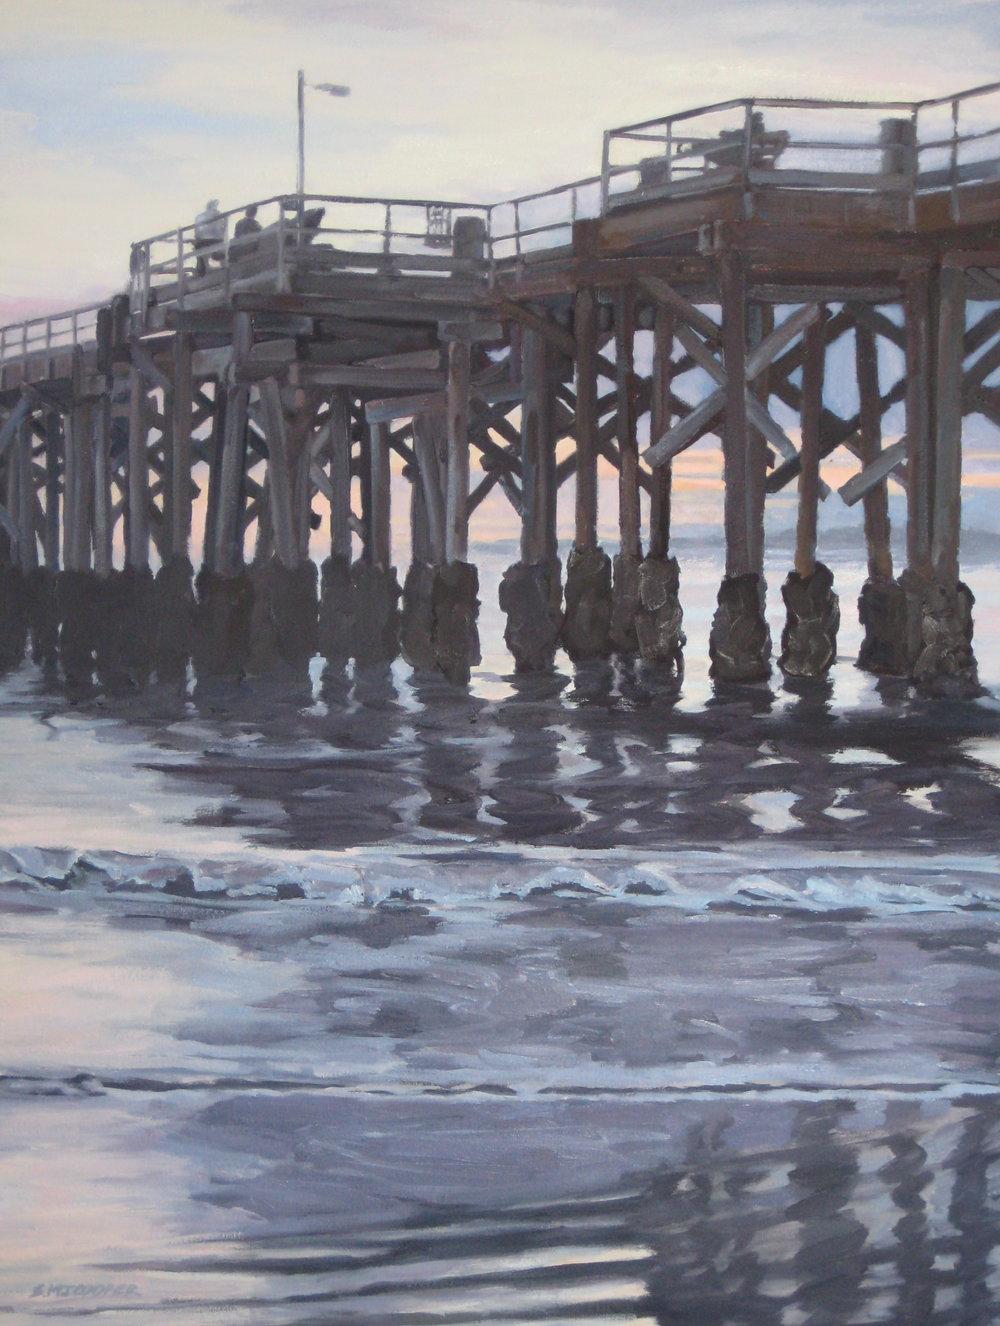 Pier No. 9